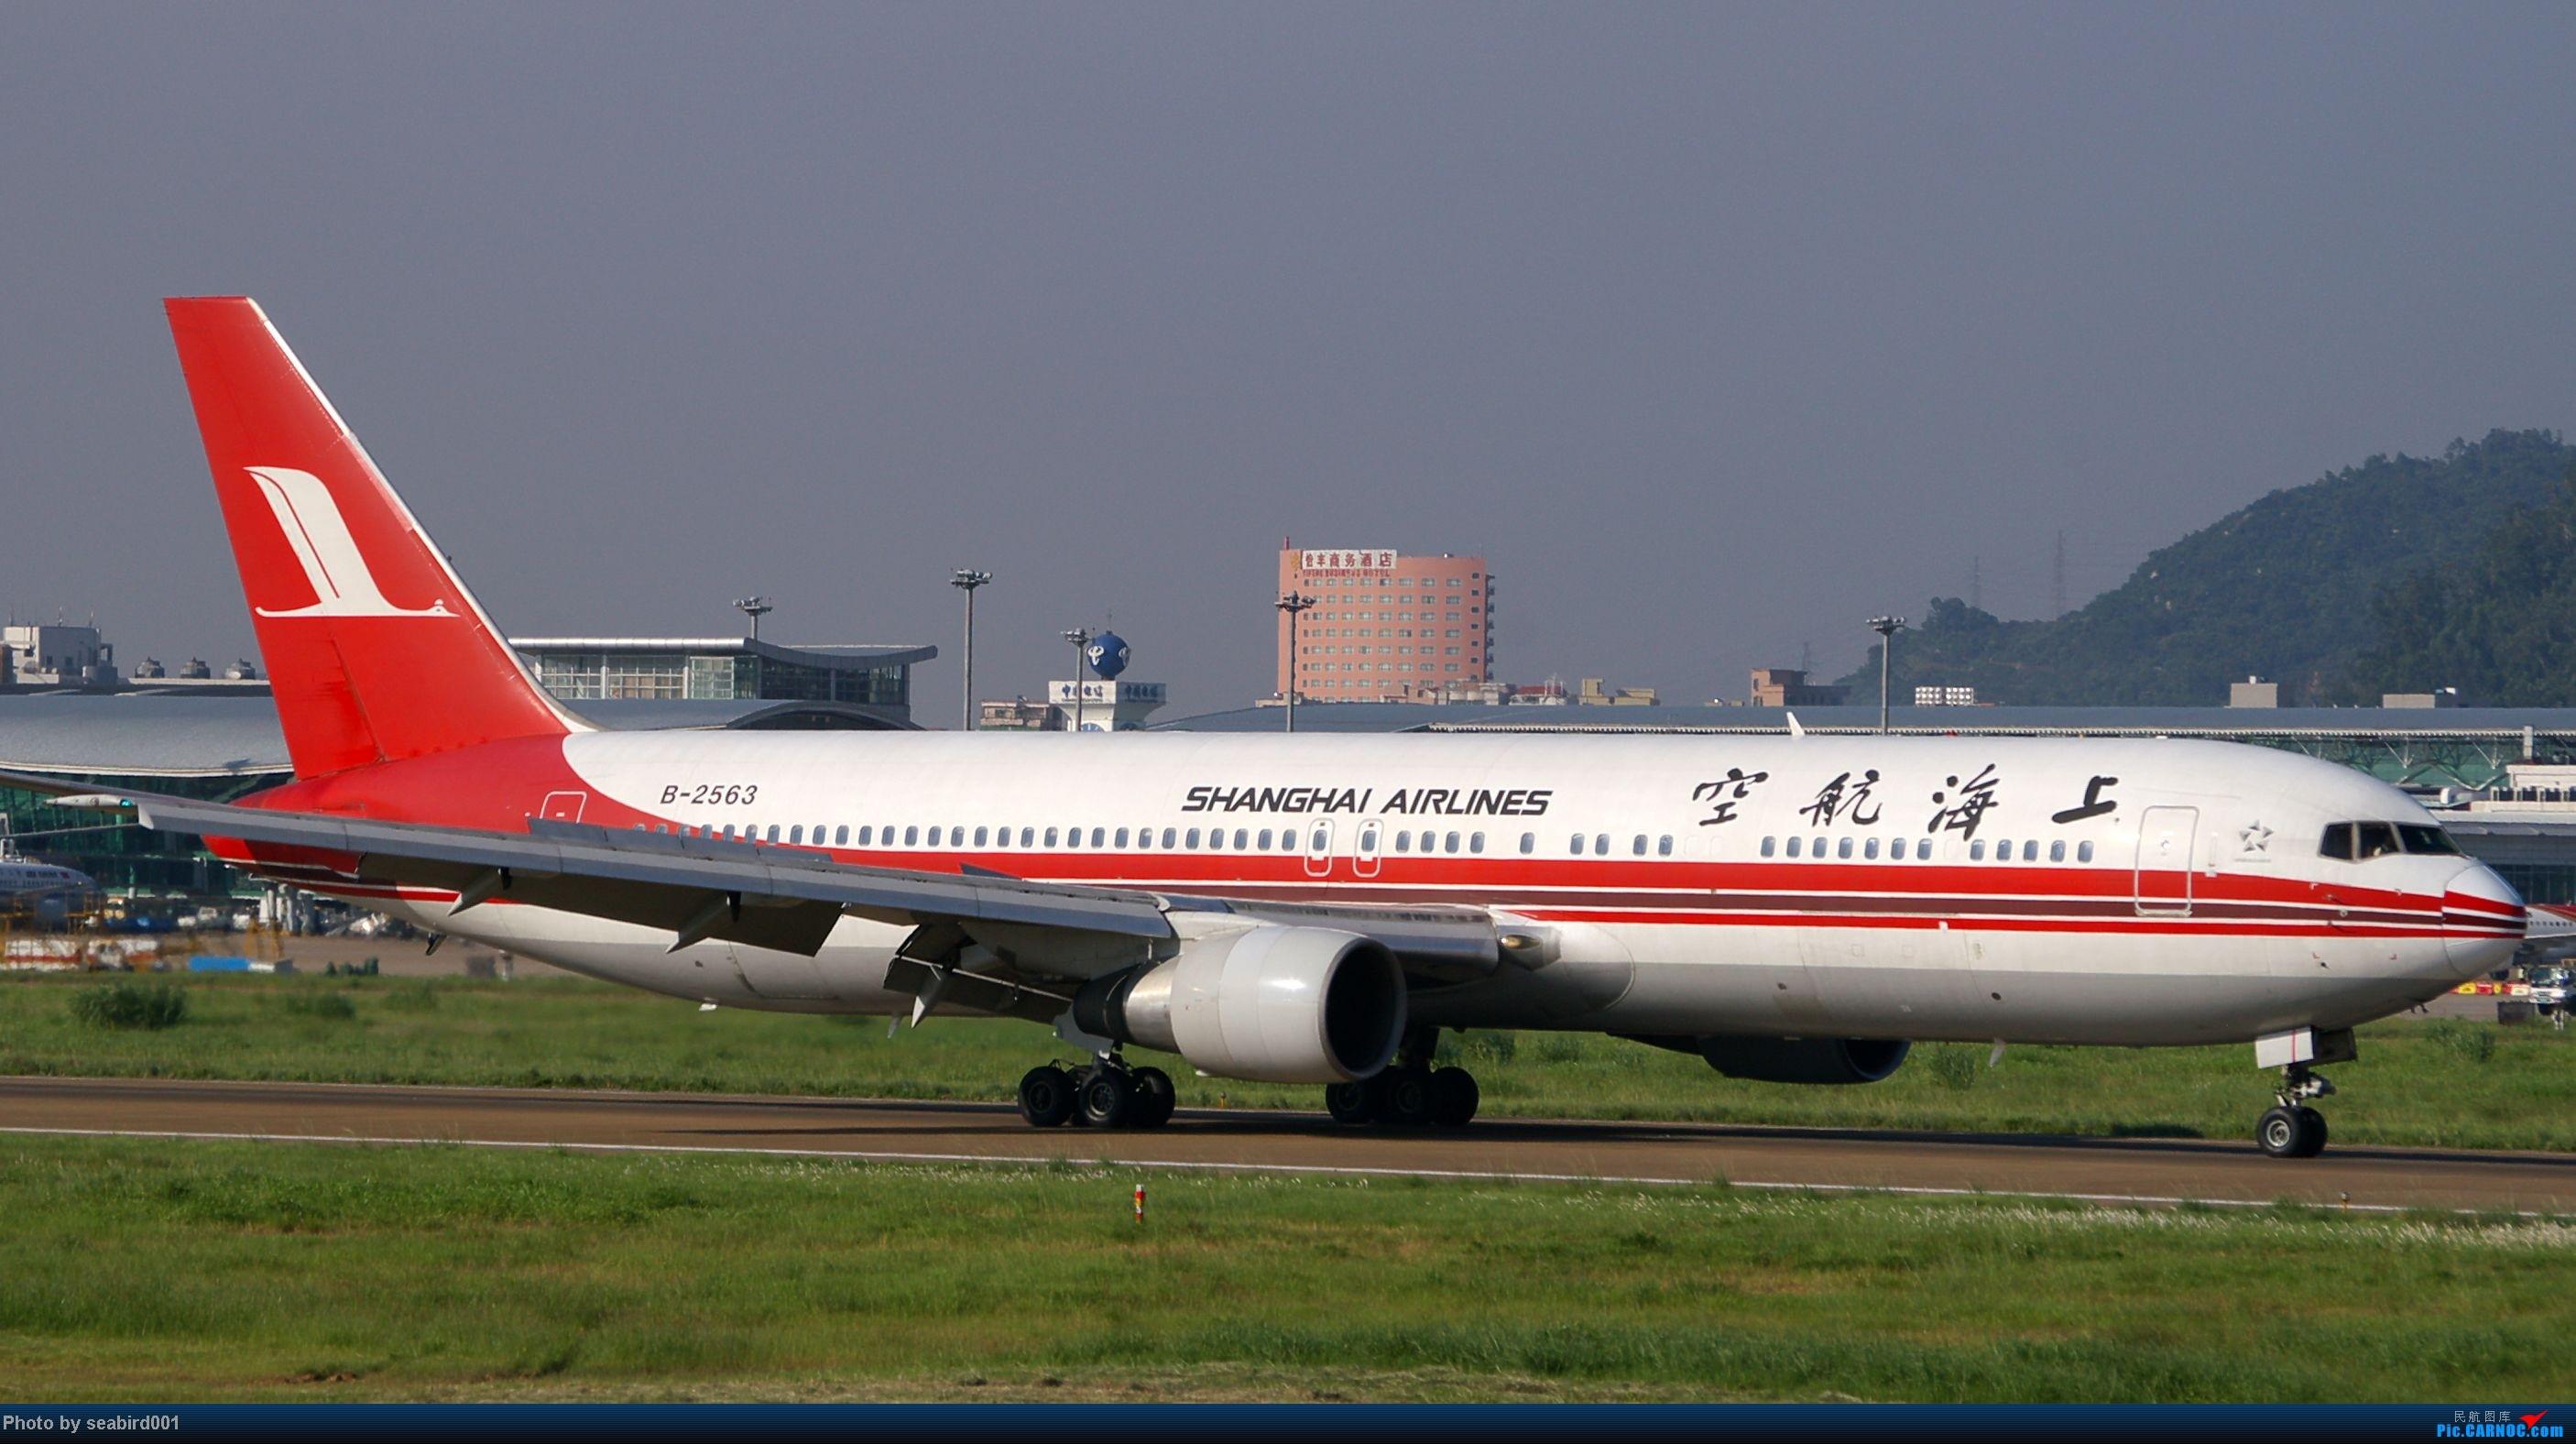 [原创](深圳飞友会)我喜欢坐的上航767.一图 BOEING 767-300 B-2563 中国深圳宝安机场